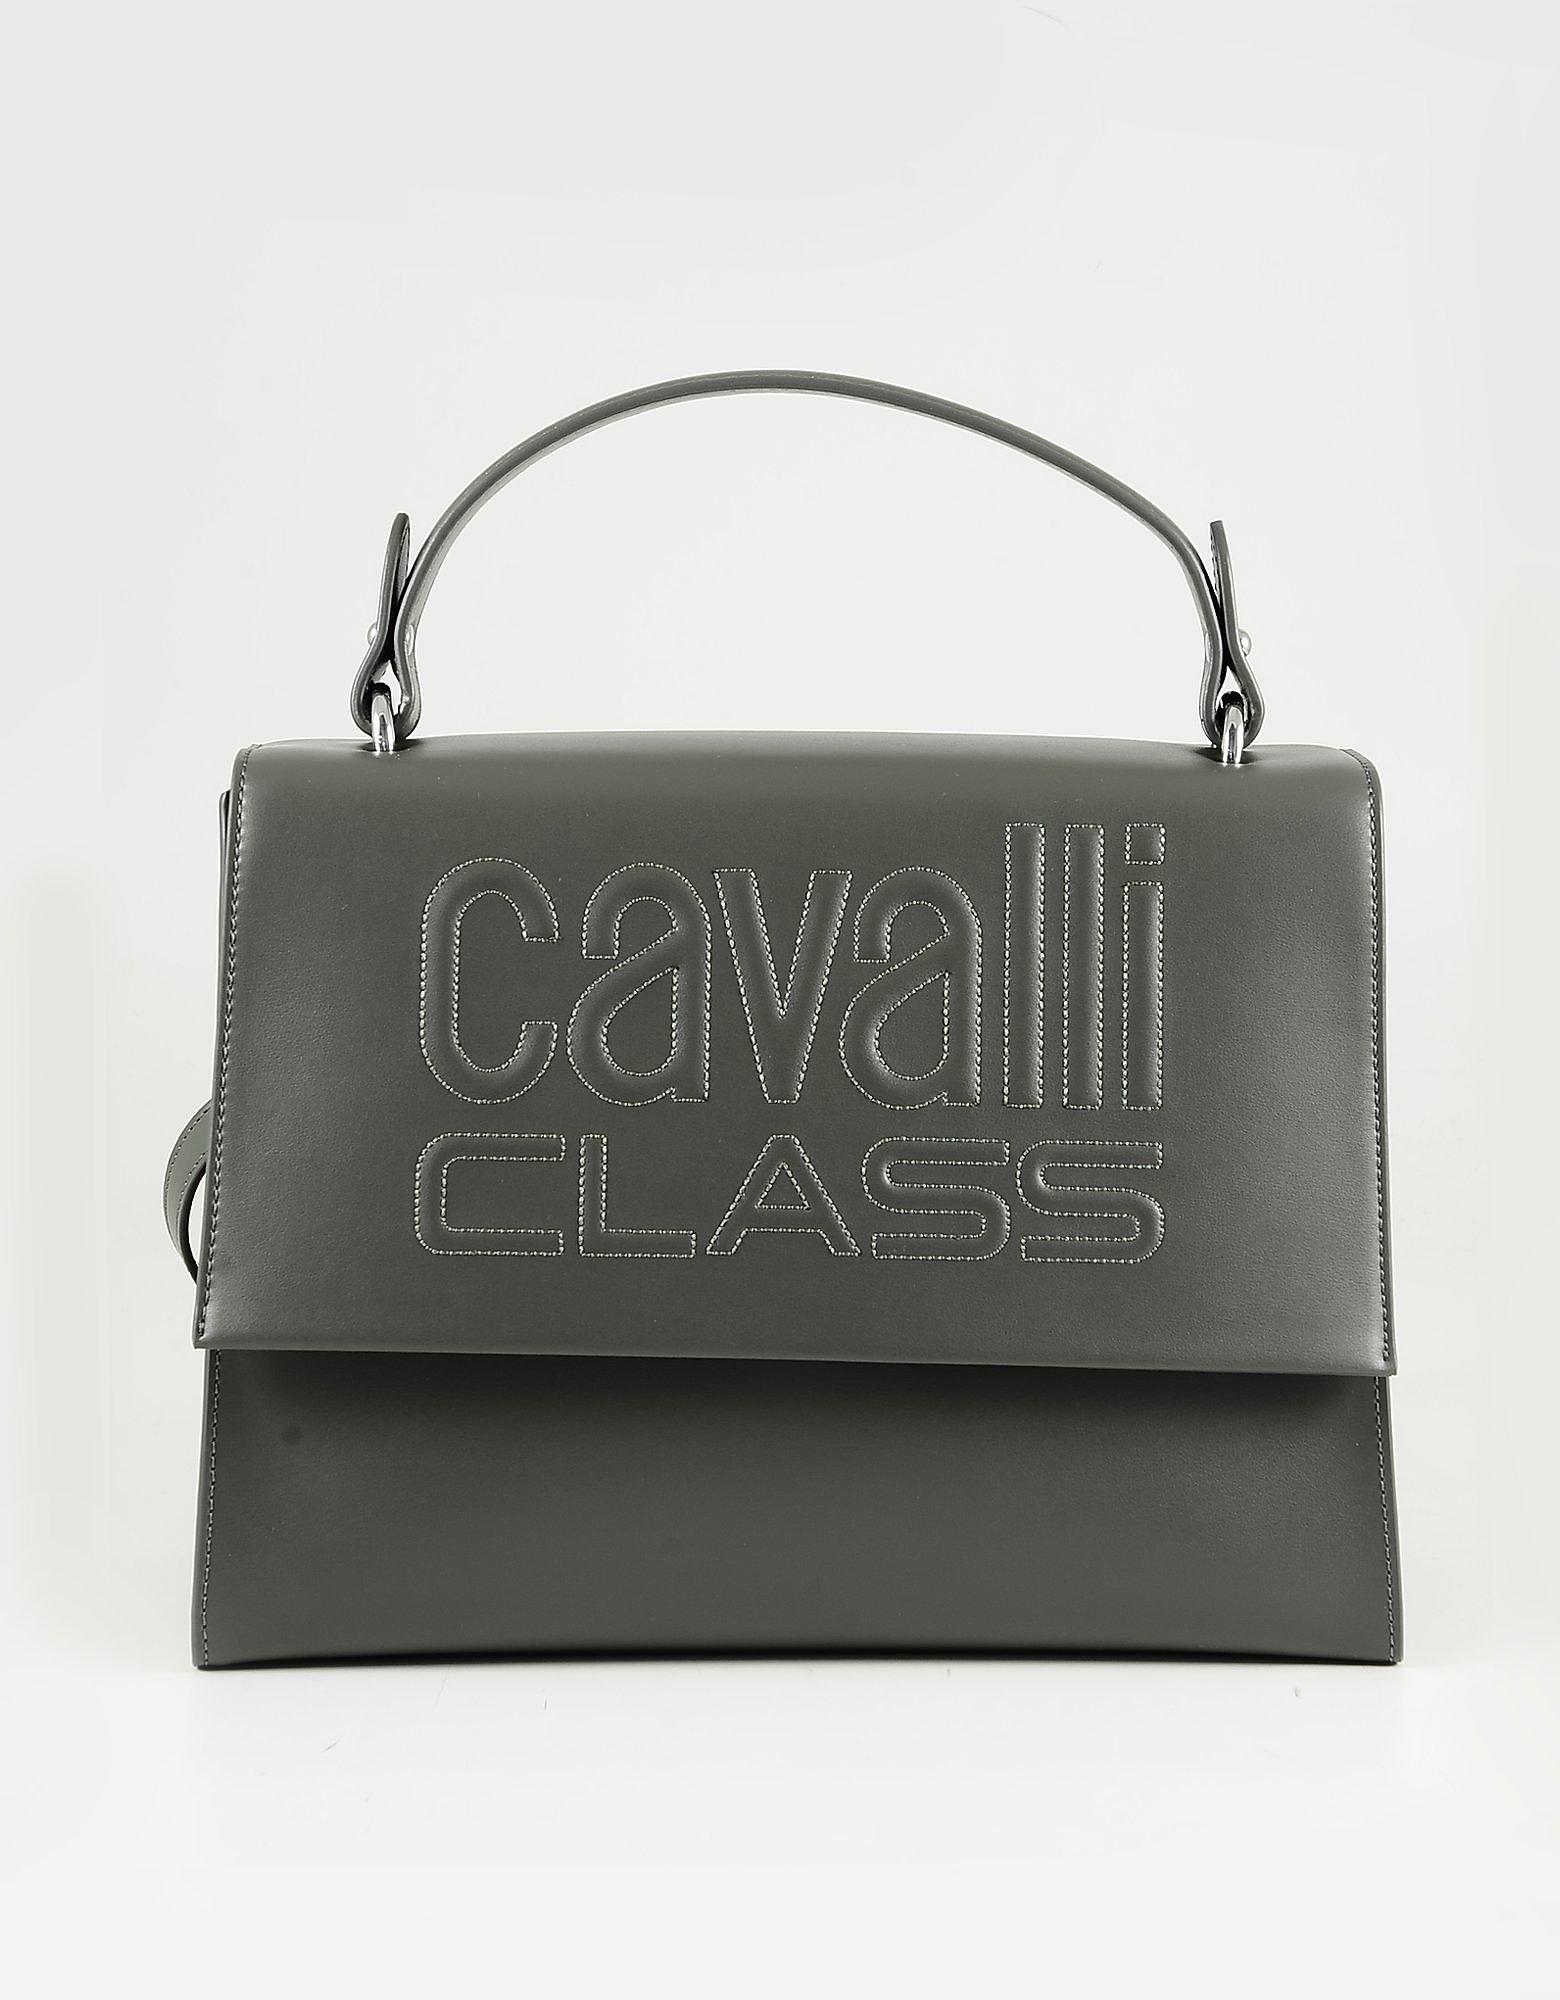 Class Roberto Cavalli Olive Green Top-handle Satchel Bag In Dark Green